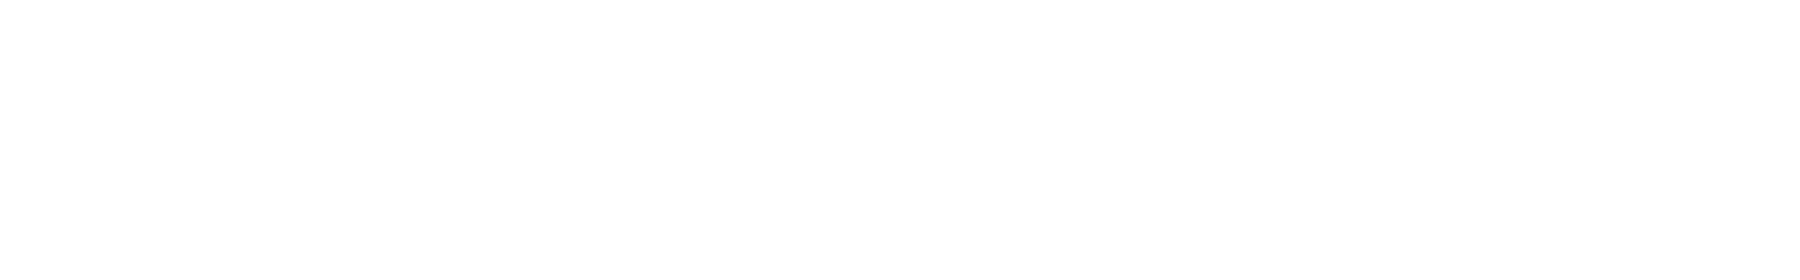 13943 15 wav